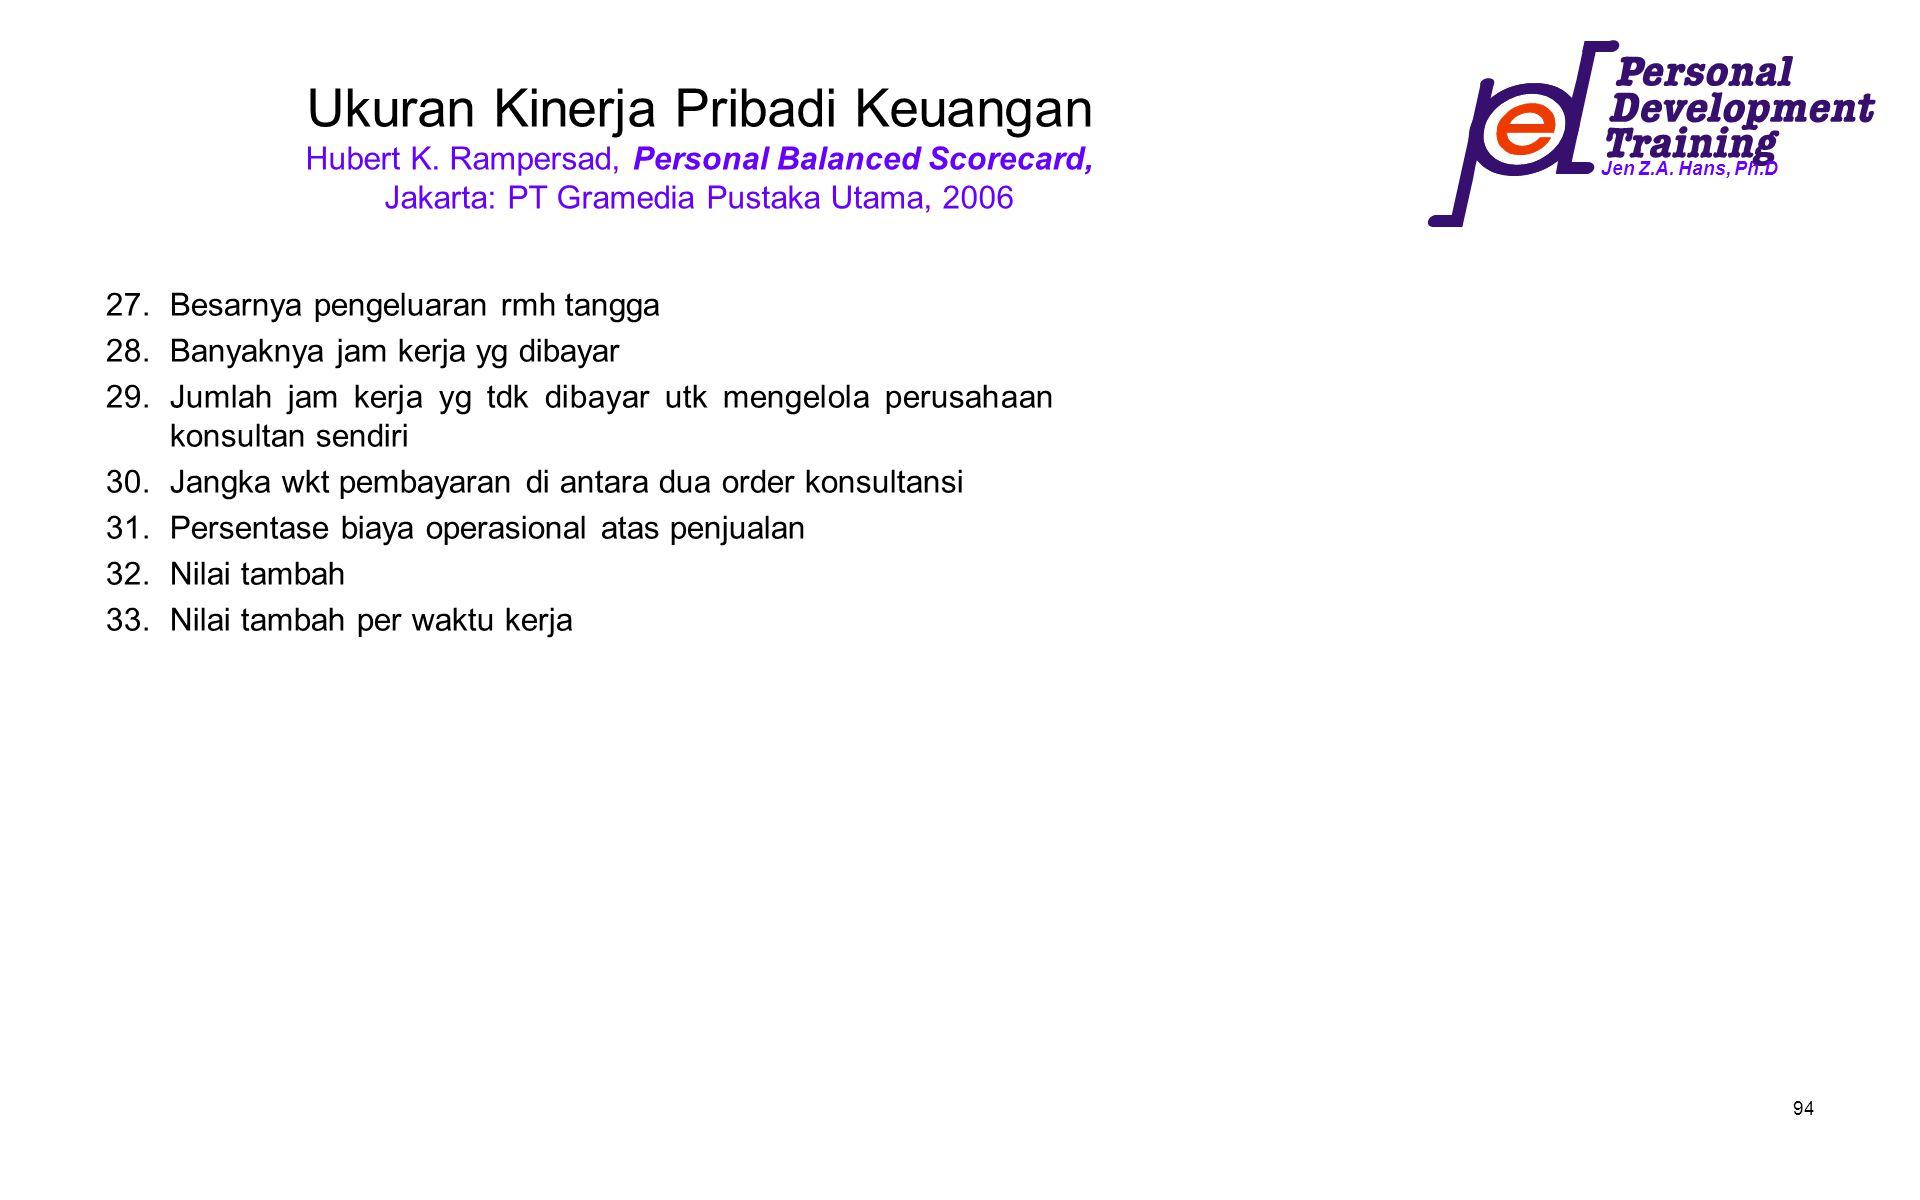 Ukuran Kinerja Pribadi Keuangan Hubert K